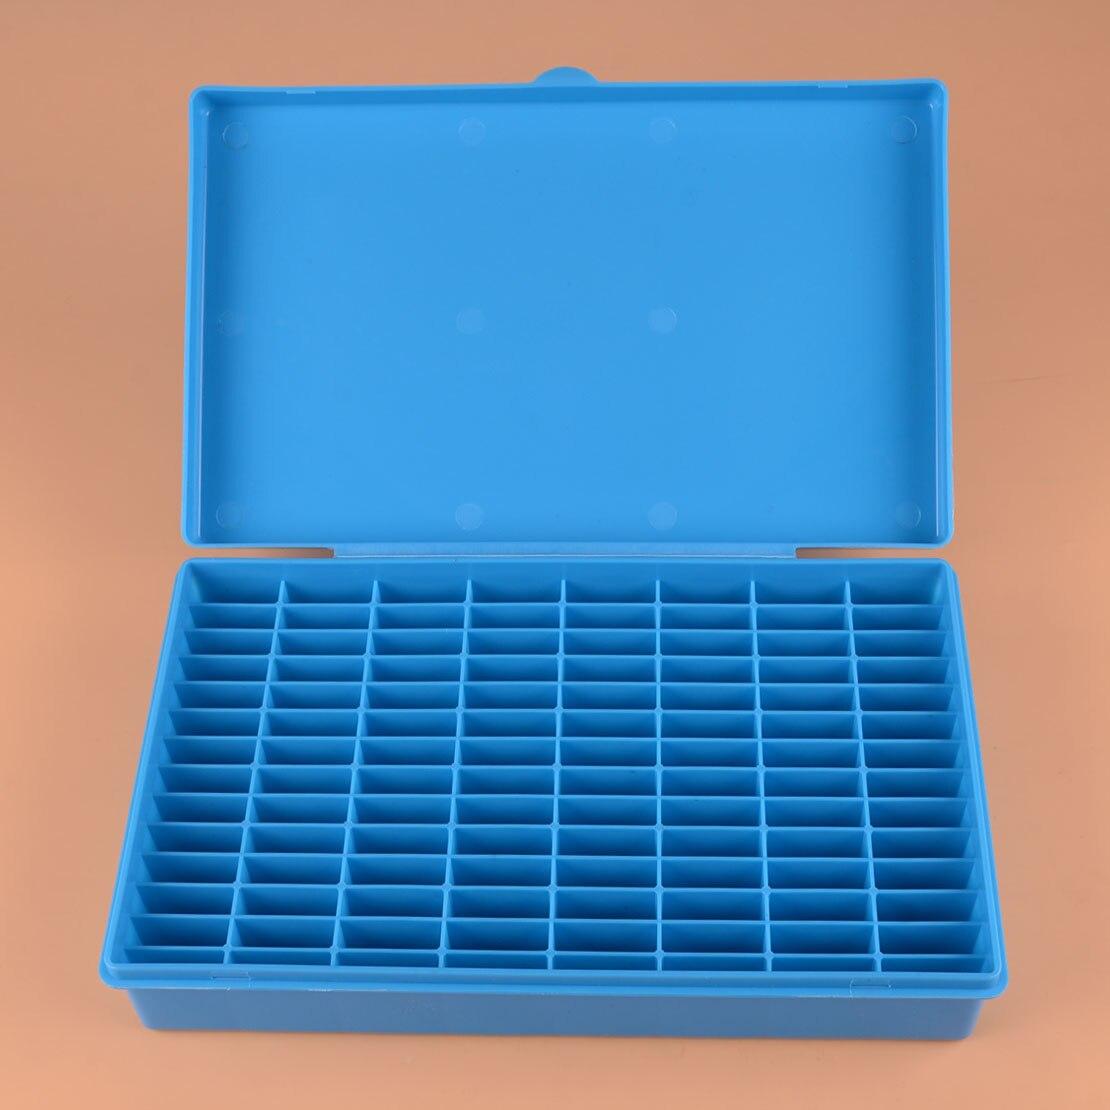 قوي البلاستيك فارغة مفتاح صندوق تخزين مفتاح الأجنة صندوق علبة 112 شبكات المساحات الاقفال العرض